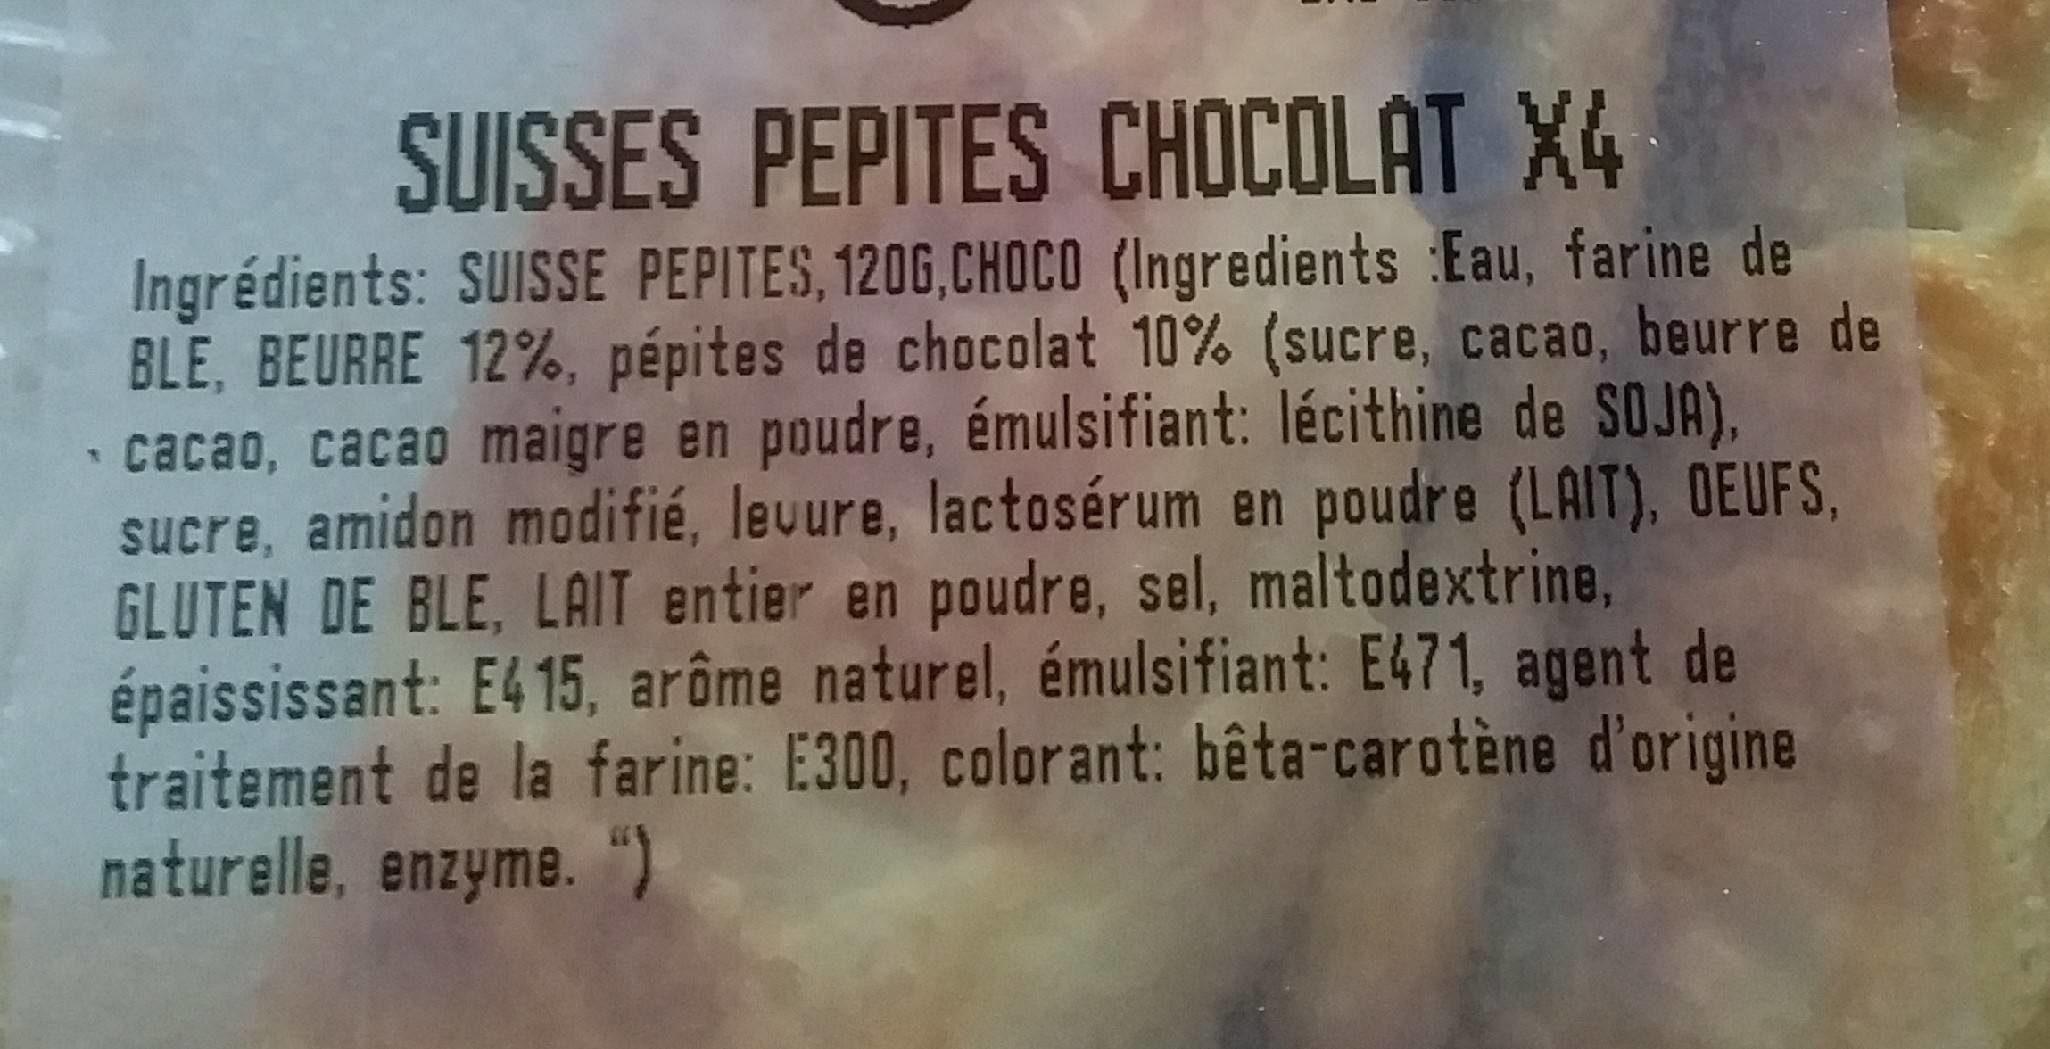 Suisses pépites chocolat x4 - Ingredienti - fr